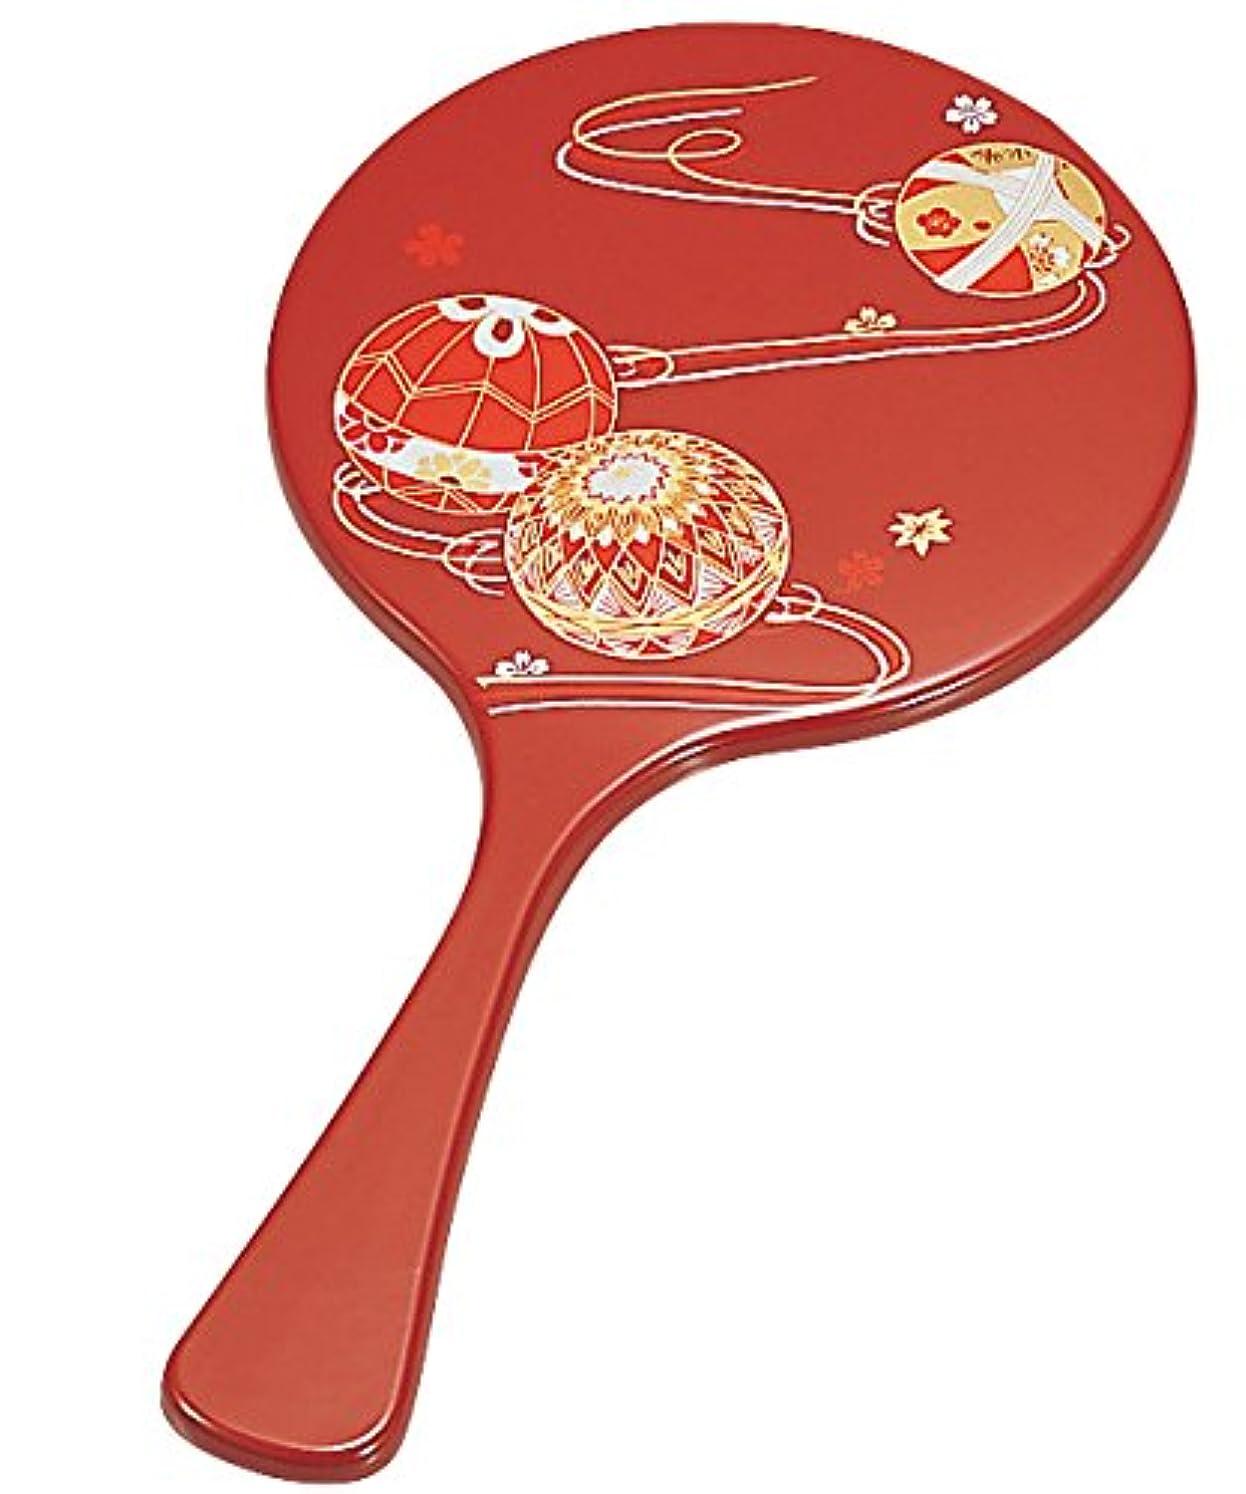 側ハブリマ中谷兄弟商会 山中漆器 丸手鏡 朱 てまり33-0807